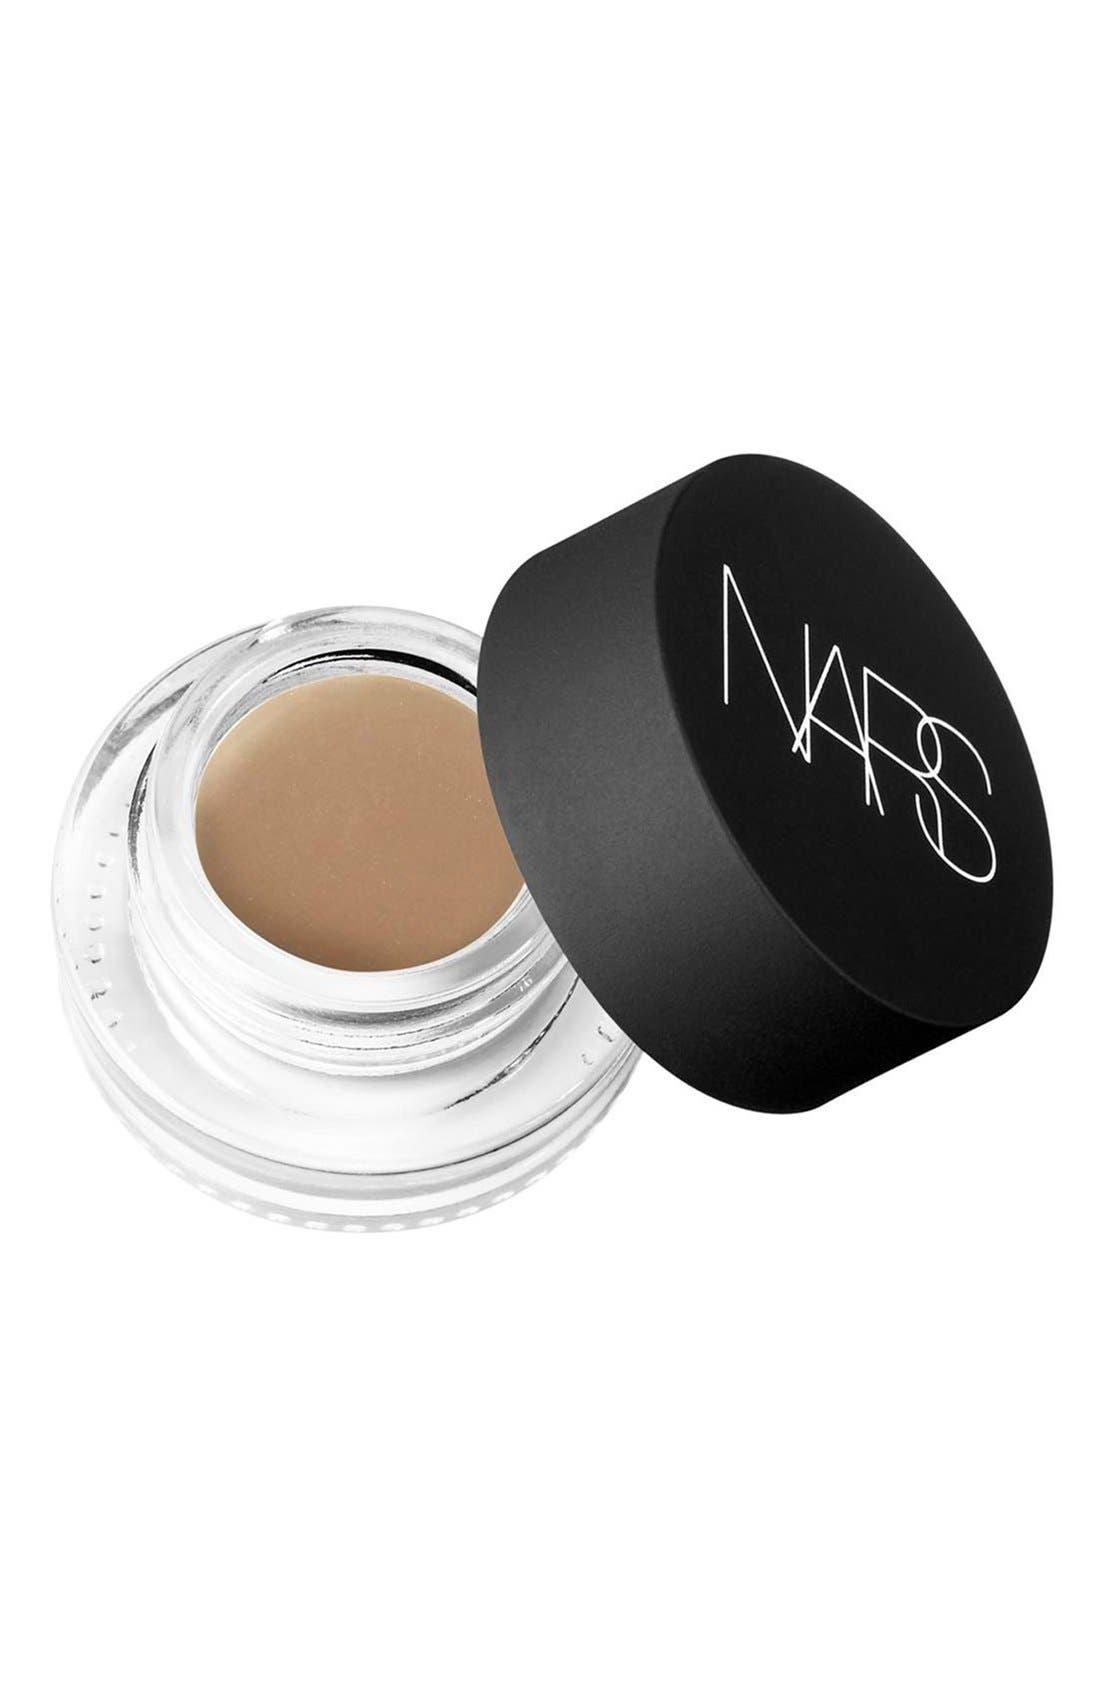 NARS Audacious Brow Defining Cream